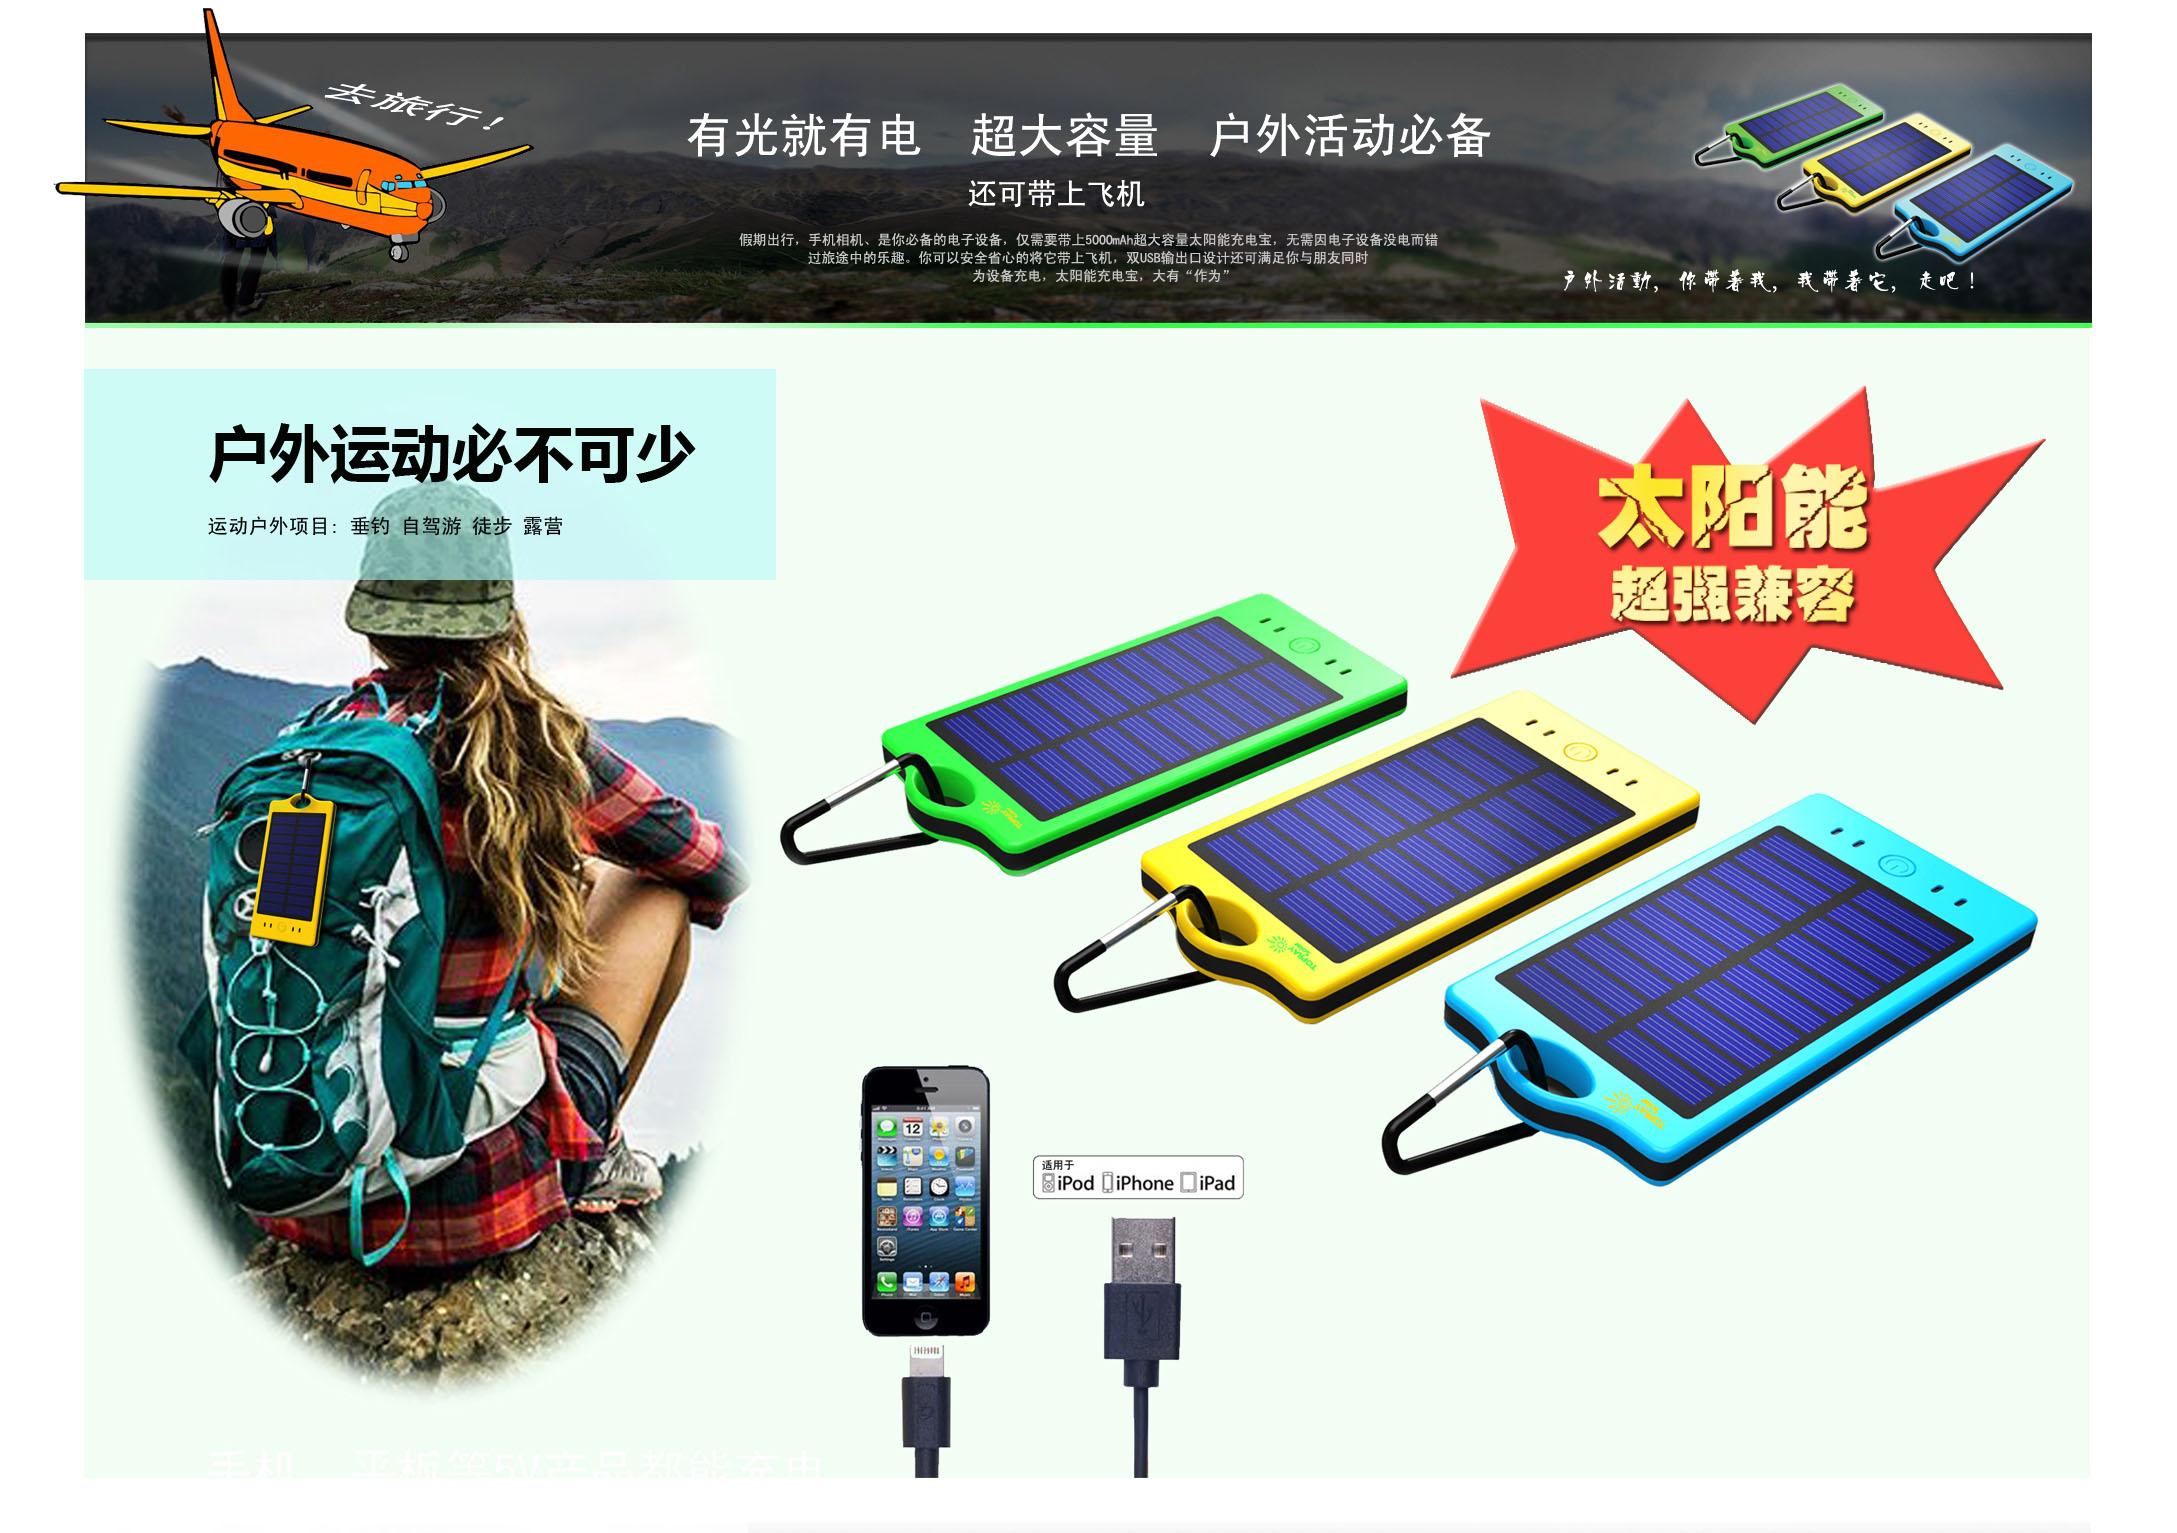 太阳能充电宝-a6ceca07-977b-425d-85d6-3f8107357d8f